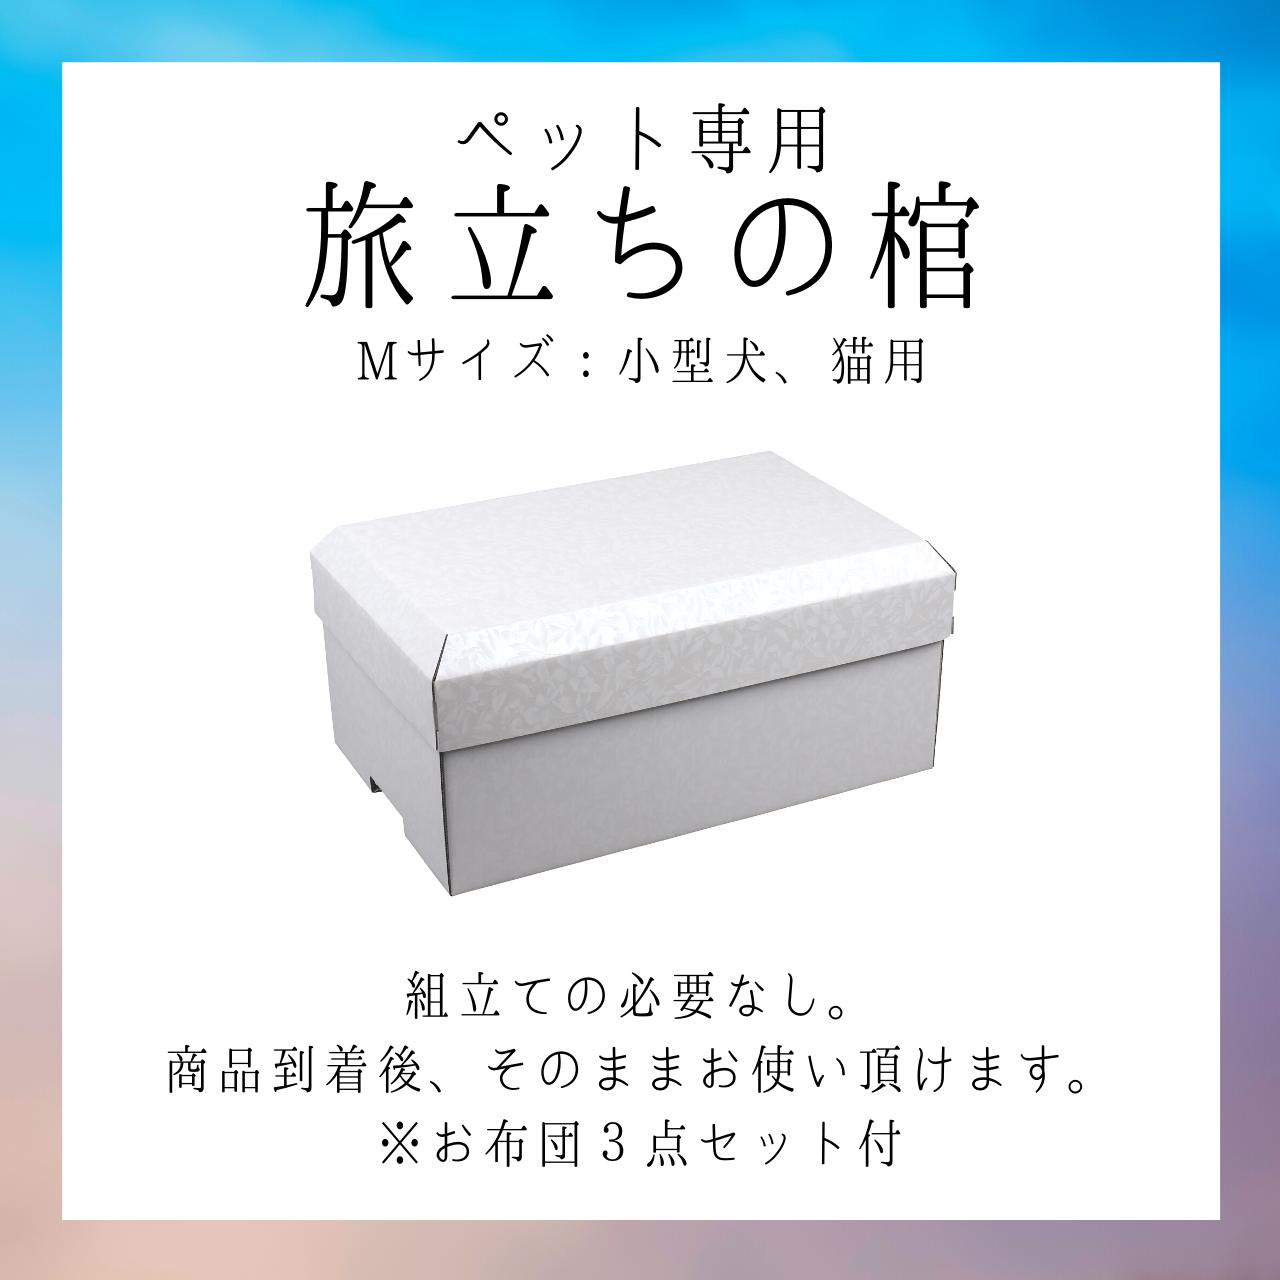 ペット用棺 旅立ちの棺  Mサイズ